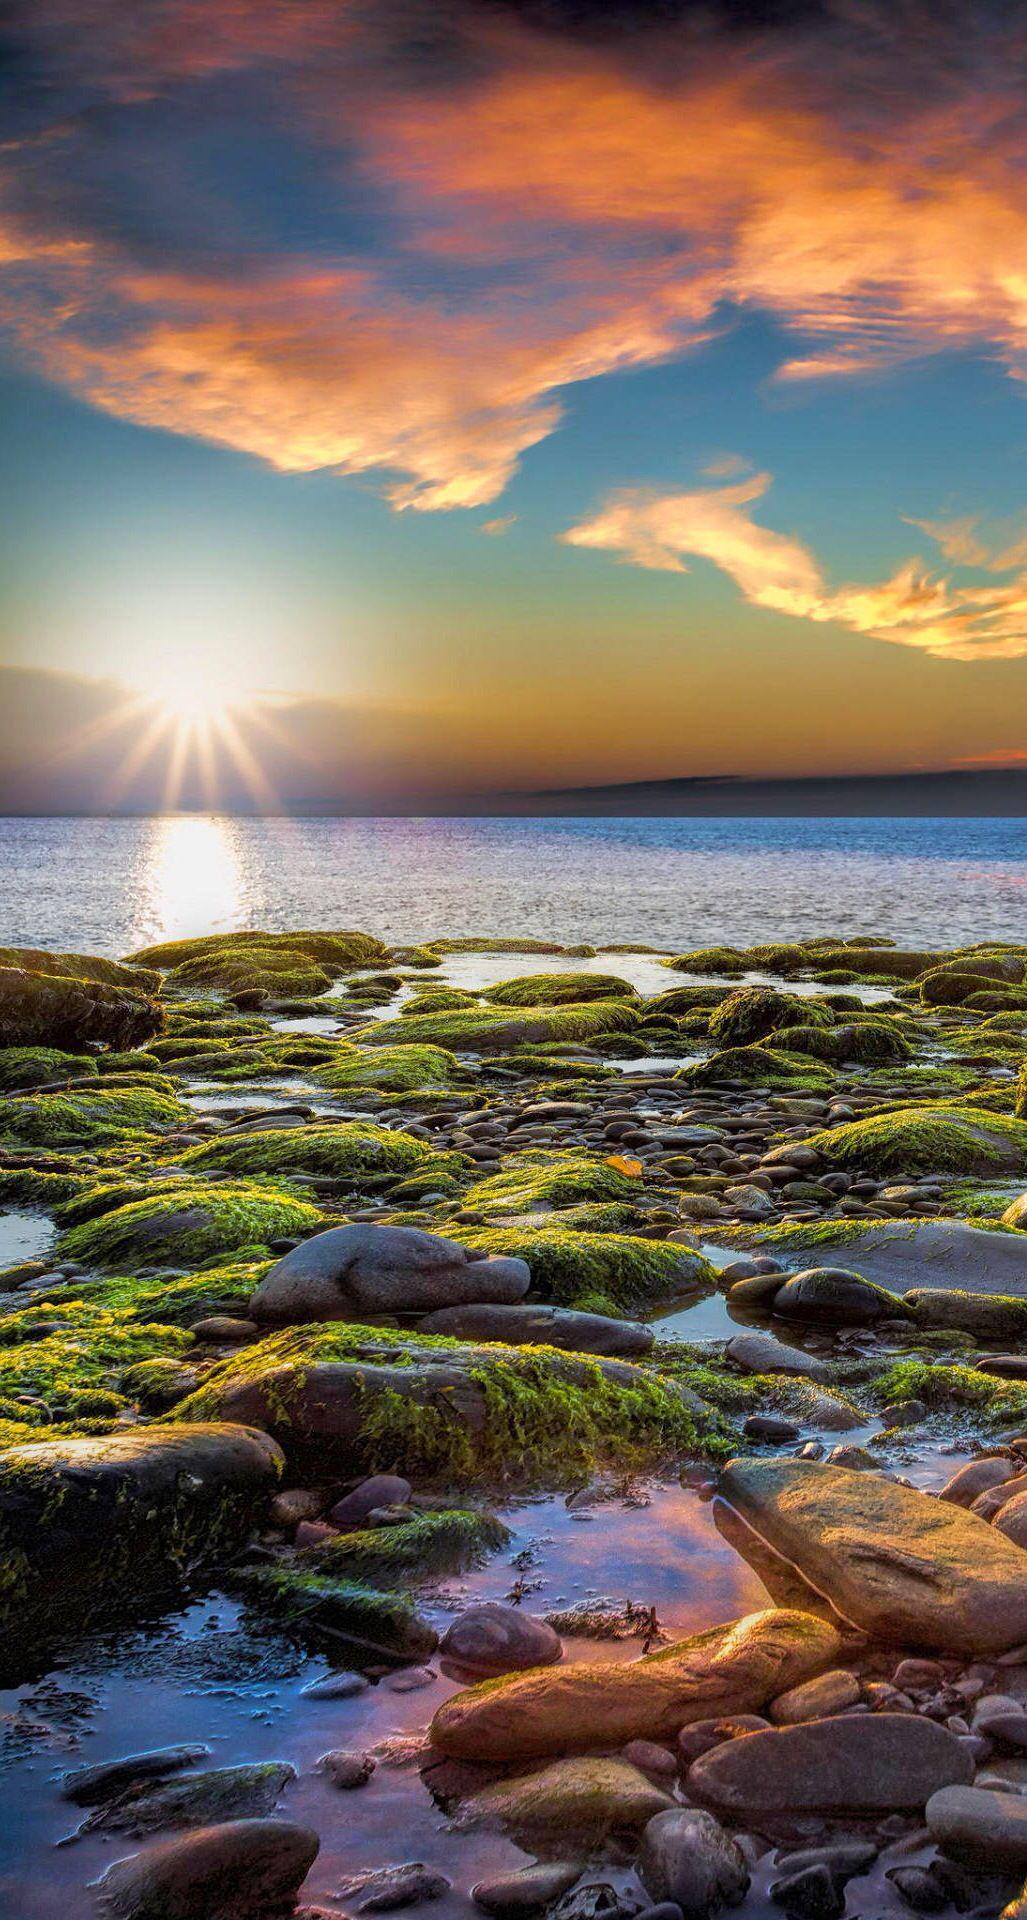 Красота | Фотографии природы, Пейзажи, Живописные пейзажи